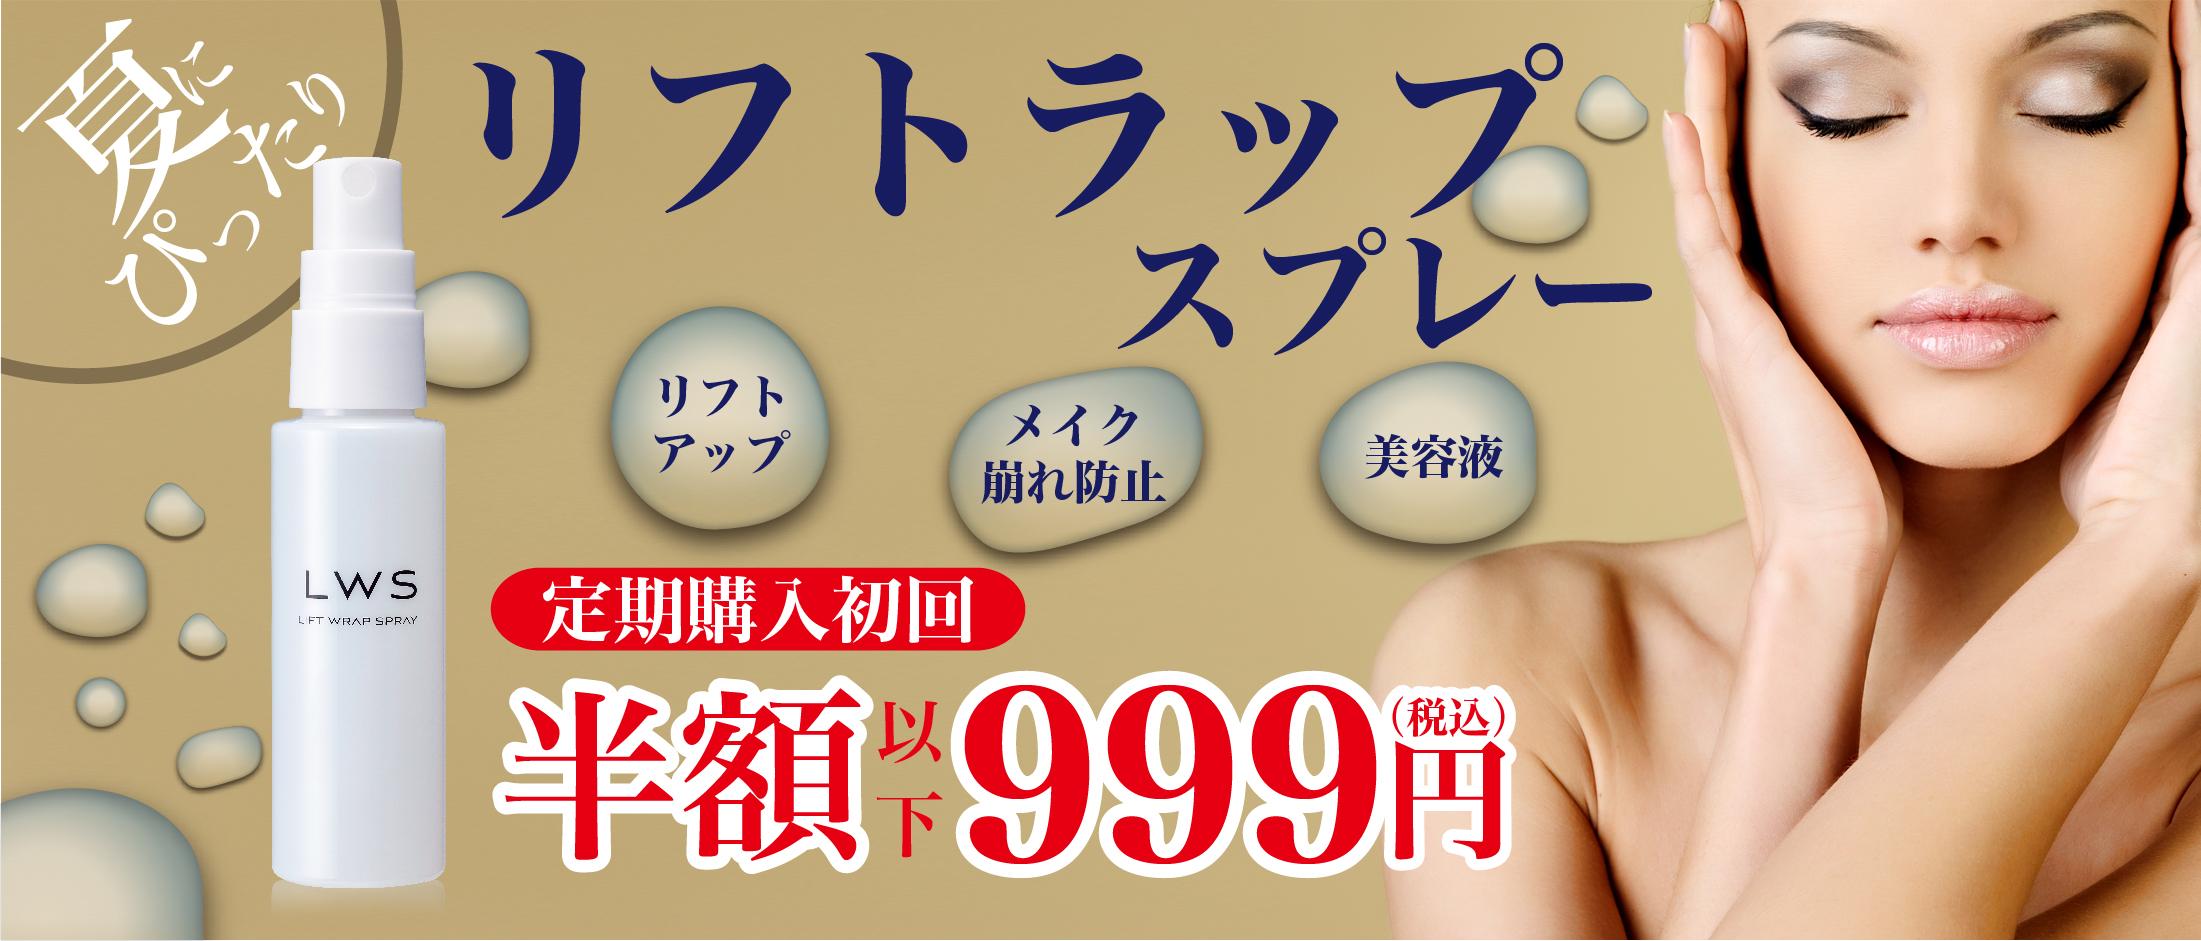 リフトラップスプレー初回半額以下999円